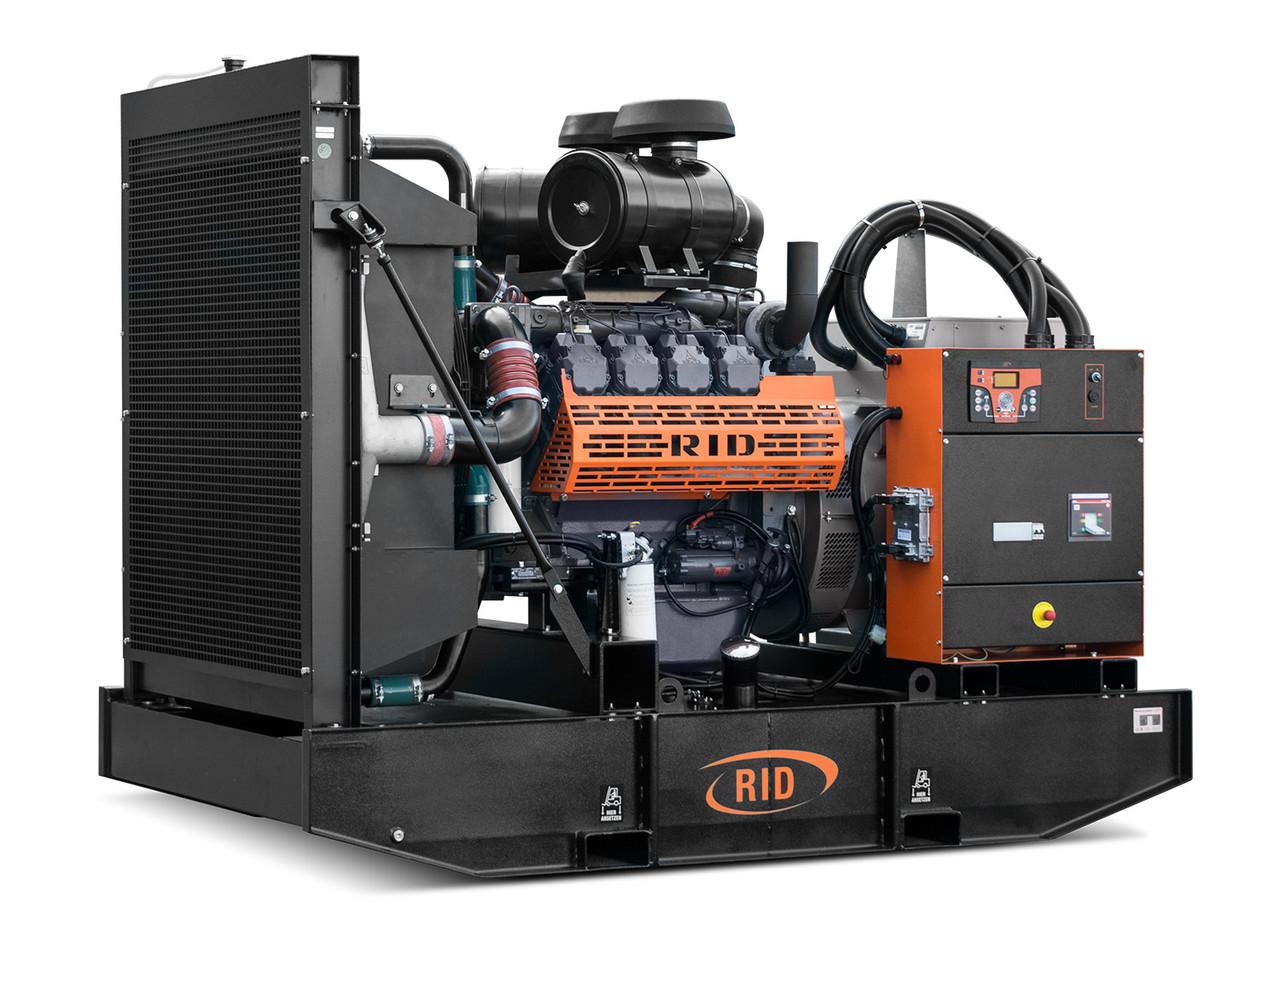 Трехфазный дизельный генератор RID 450 S-SERIES (450 кВА)